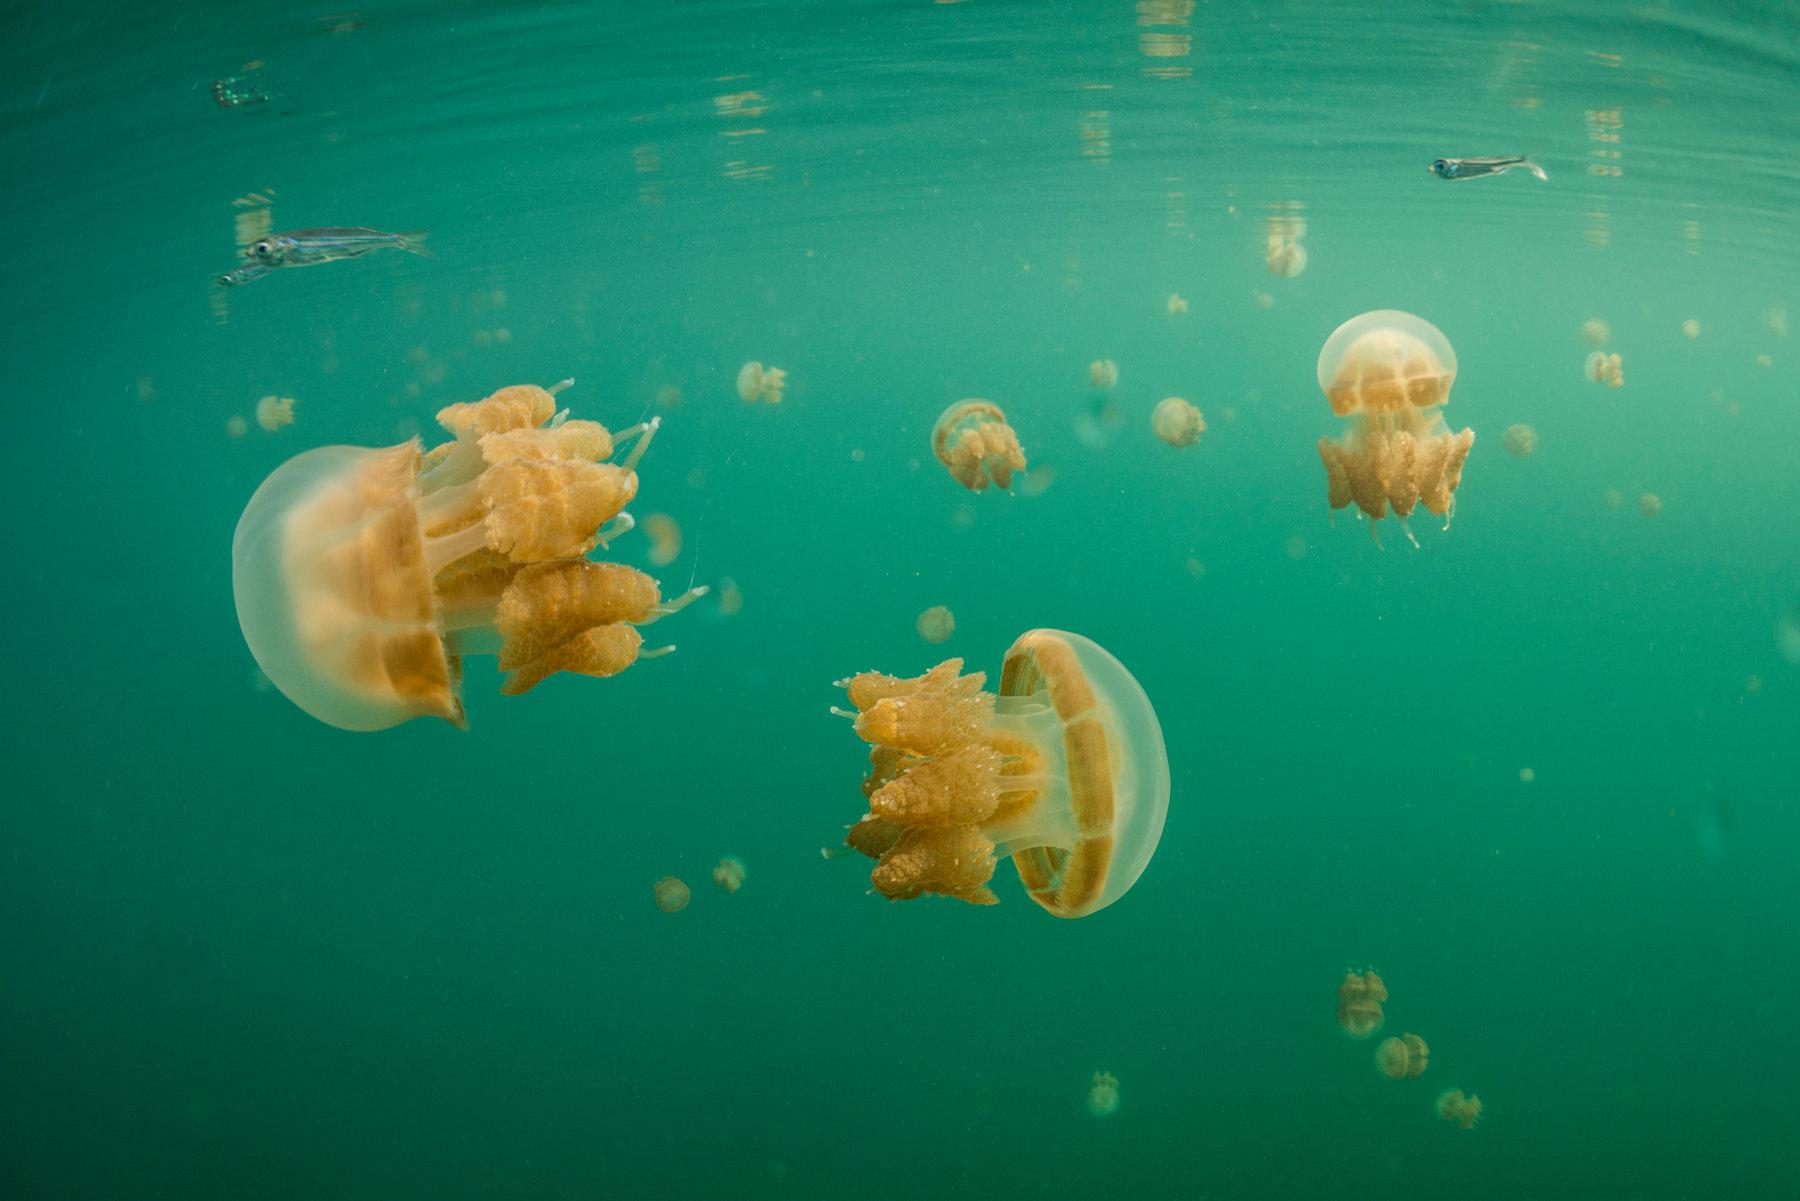 Hình ảnh con sứa cực đẹp